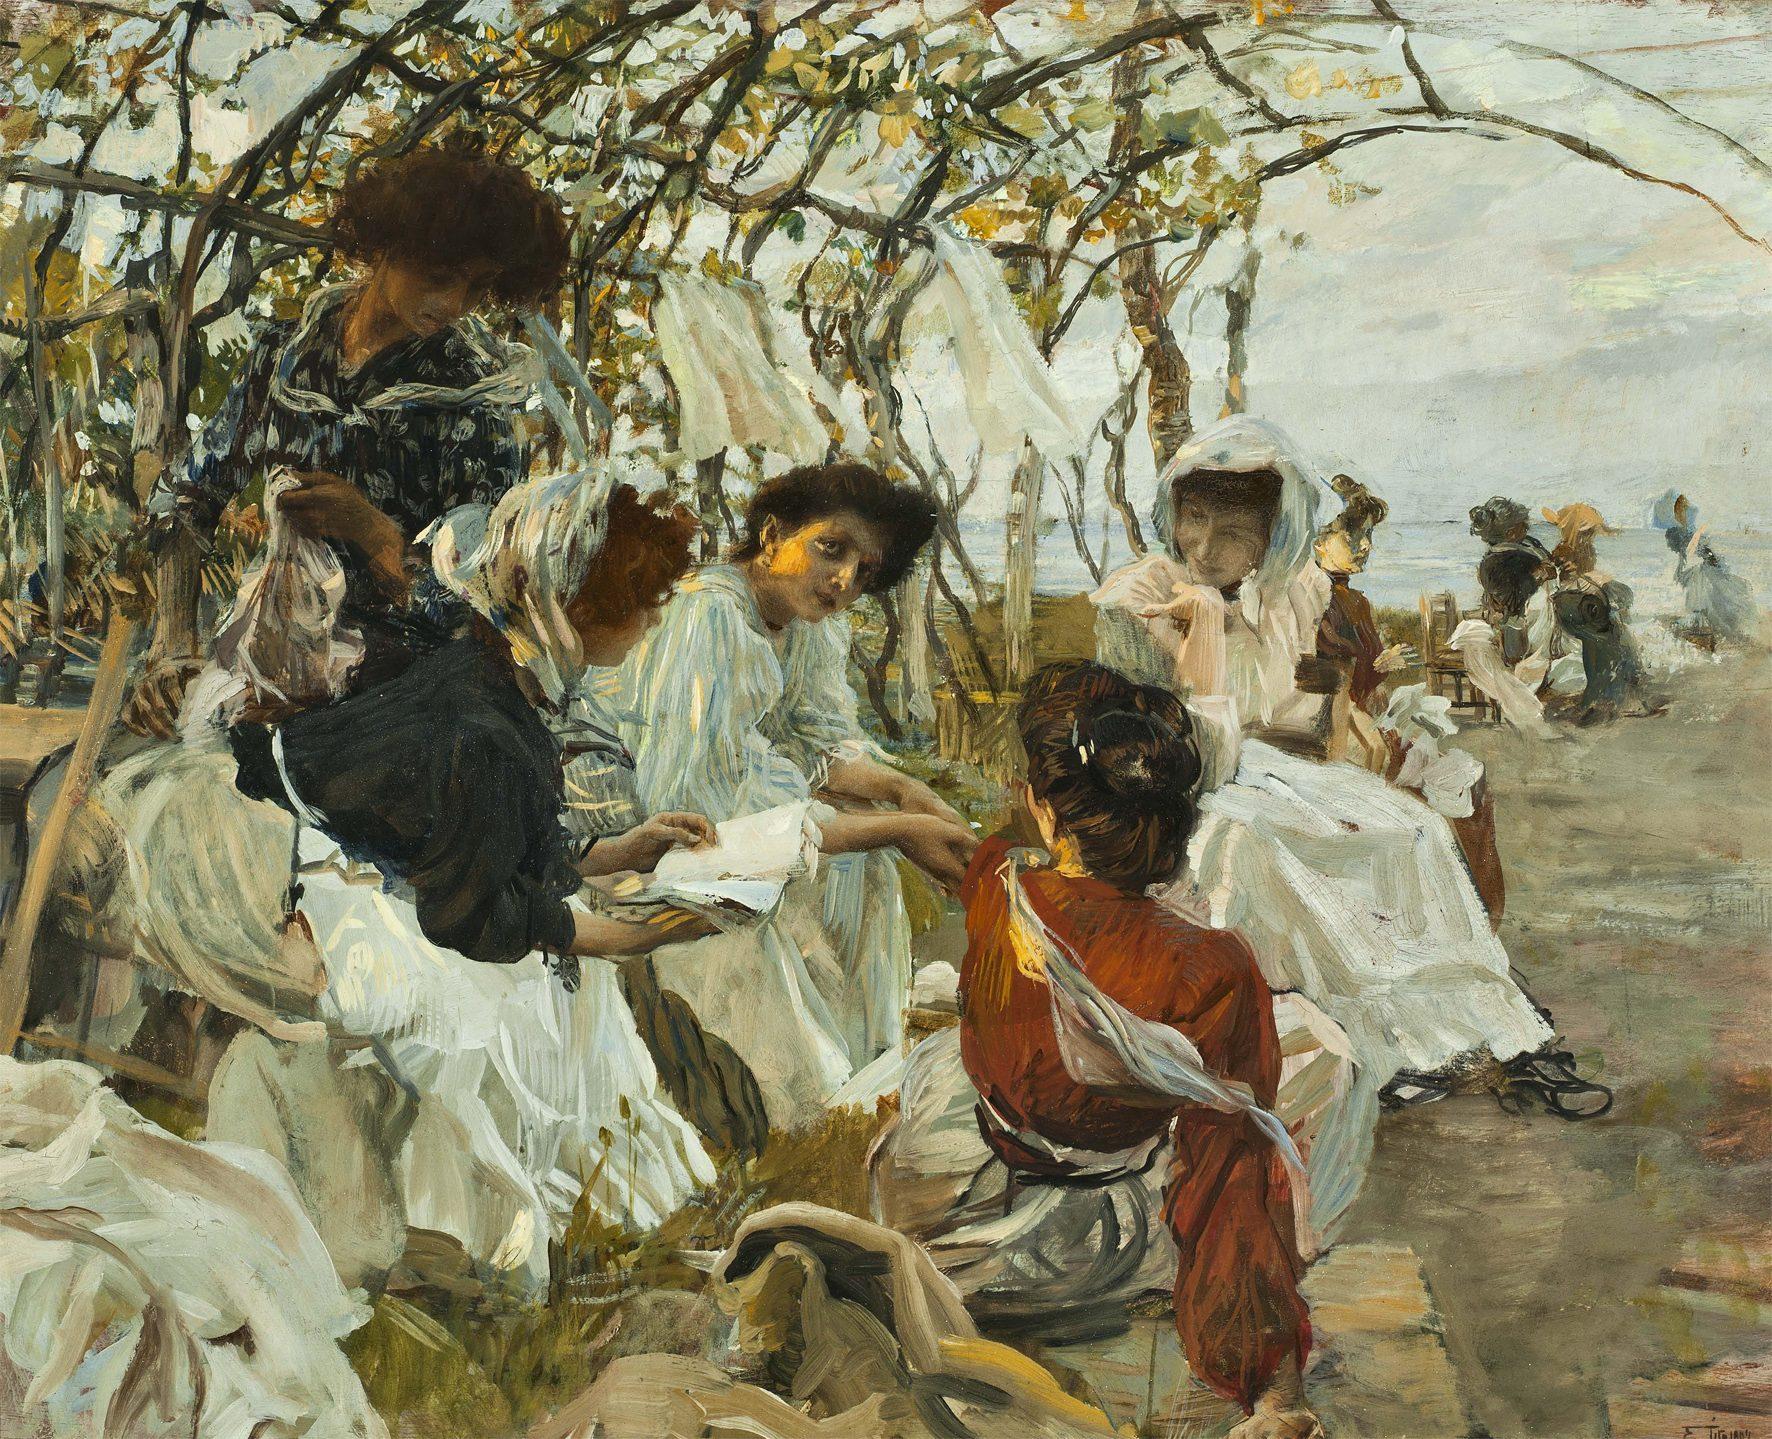 Ettore Tito, Pagine d'amore (o La lettura), 1907, Amore Passione e Sentimento. Da Hayez a Cremona e Previati Palazzo della Meridiana 2019